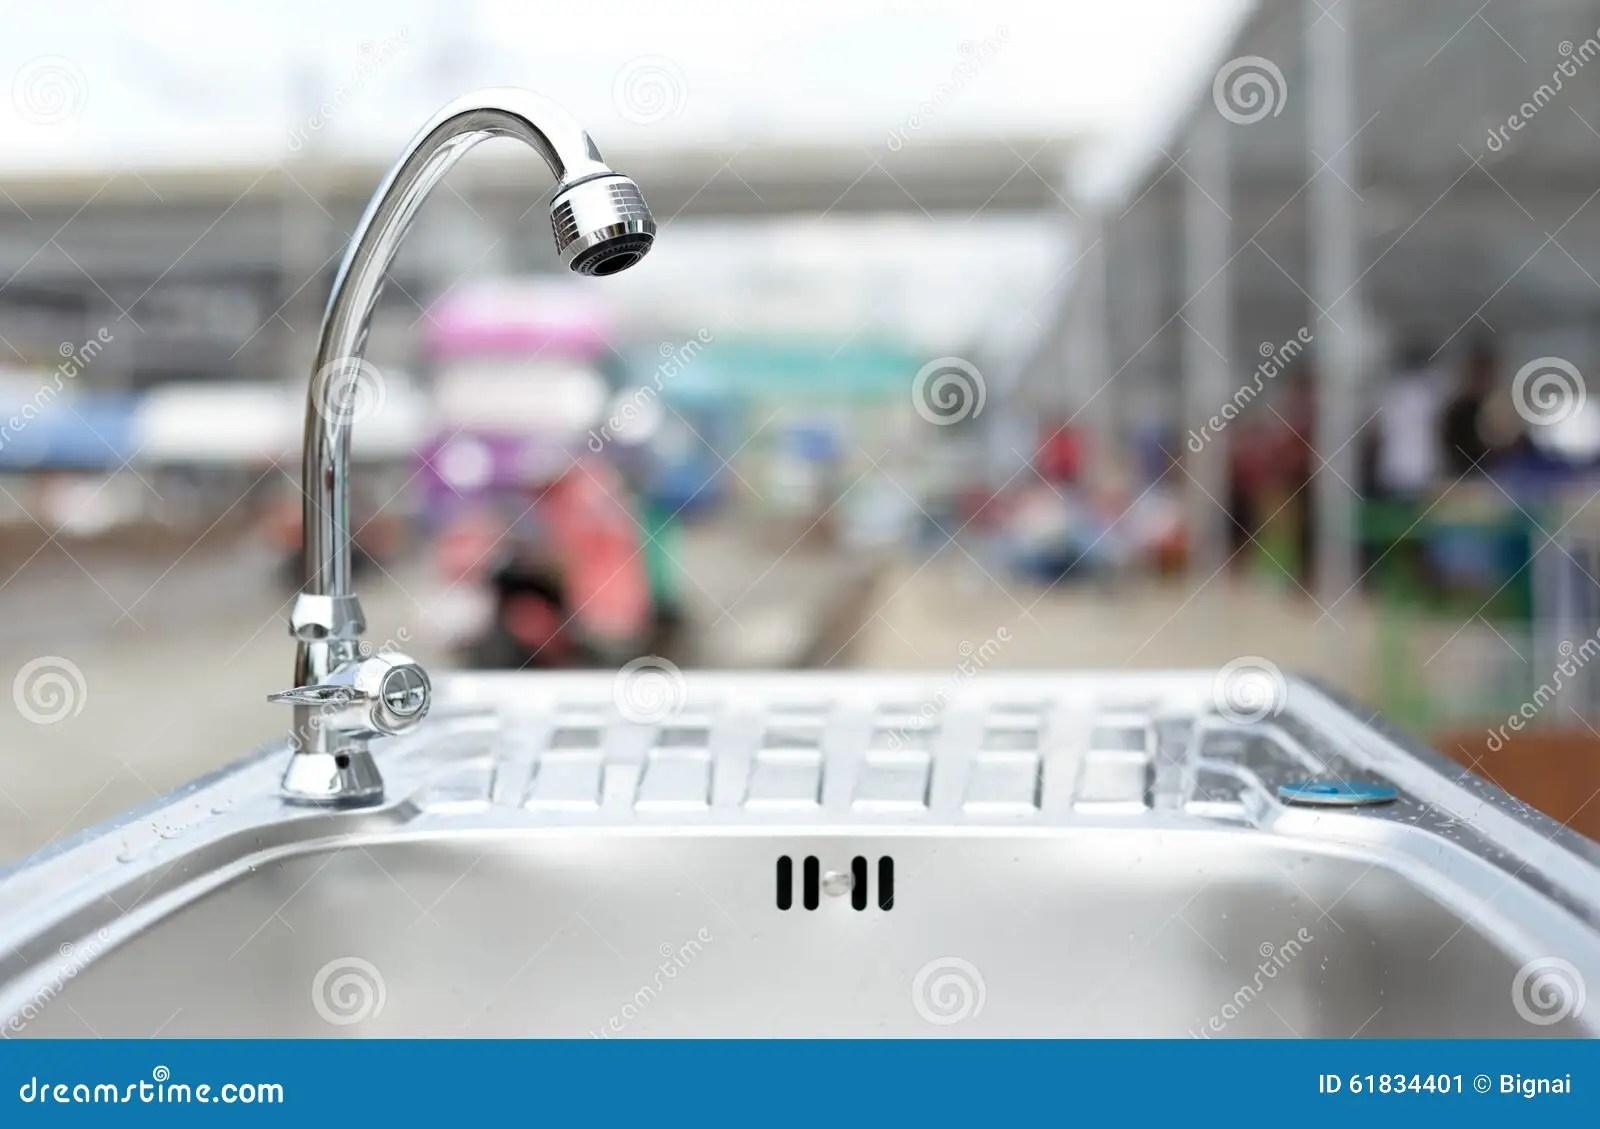 kitchen sinks and faucets freestanding 在不锈钢厨房水槽的水龙头库存图片 图片包括有设计 金属 bastien 在不锈钢厨房水槽的水龙头